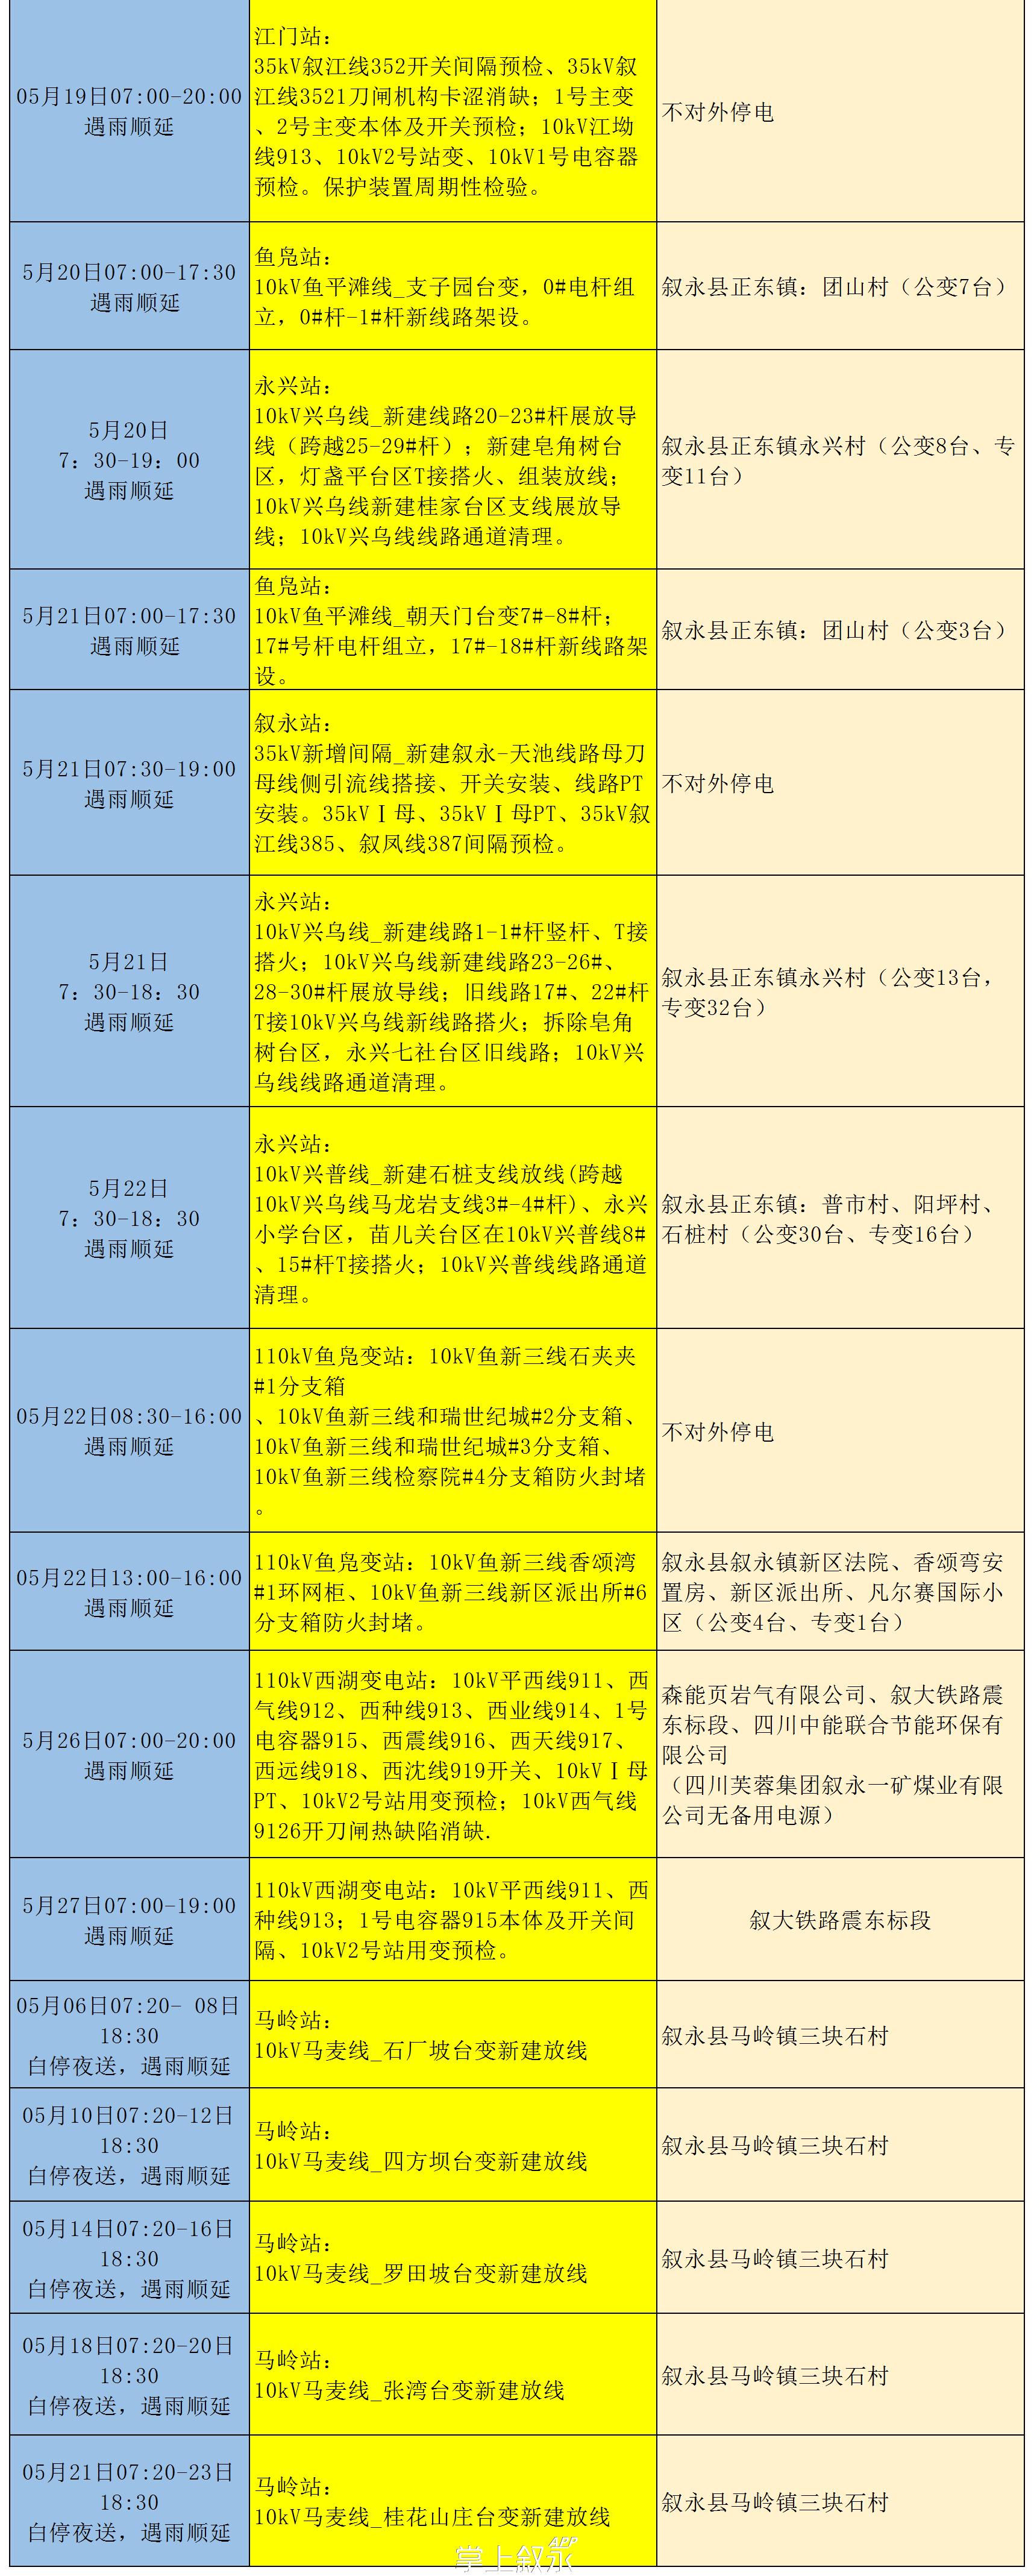 2021年5月计划停电信息3.png